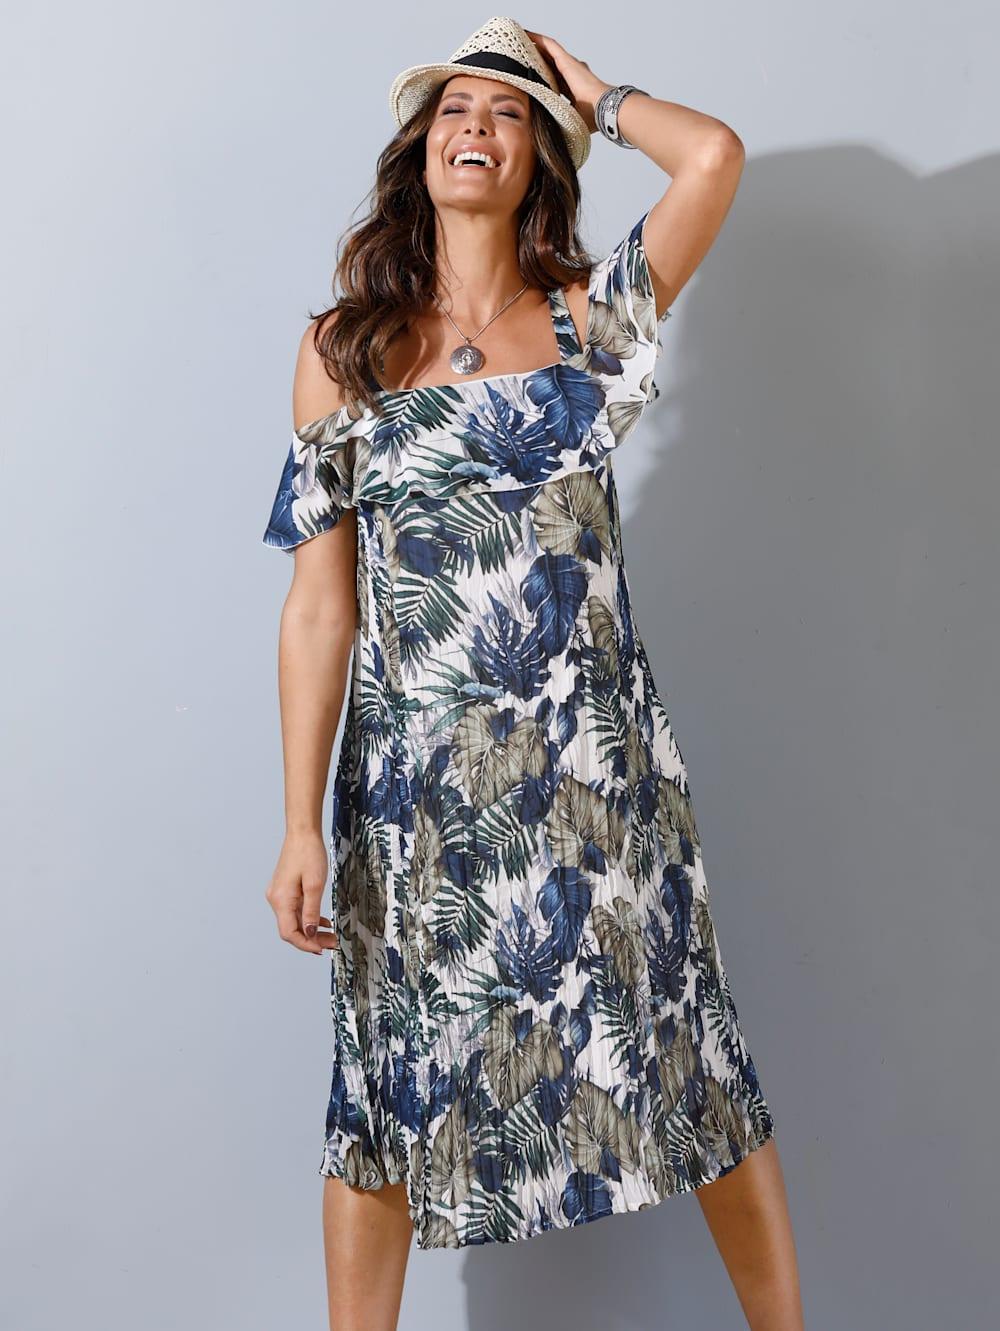 MIAMODA Kleid mit sommerlichem Blumendruck  Mia Moda